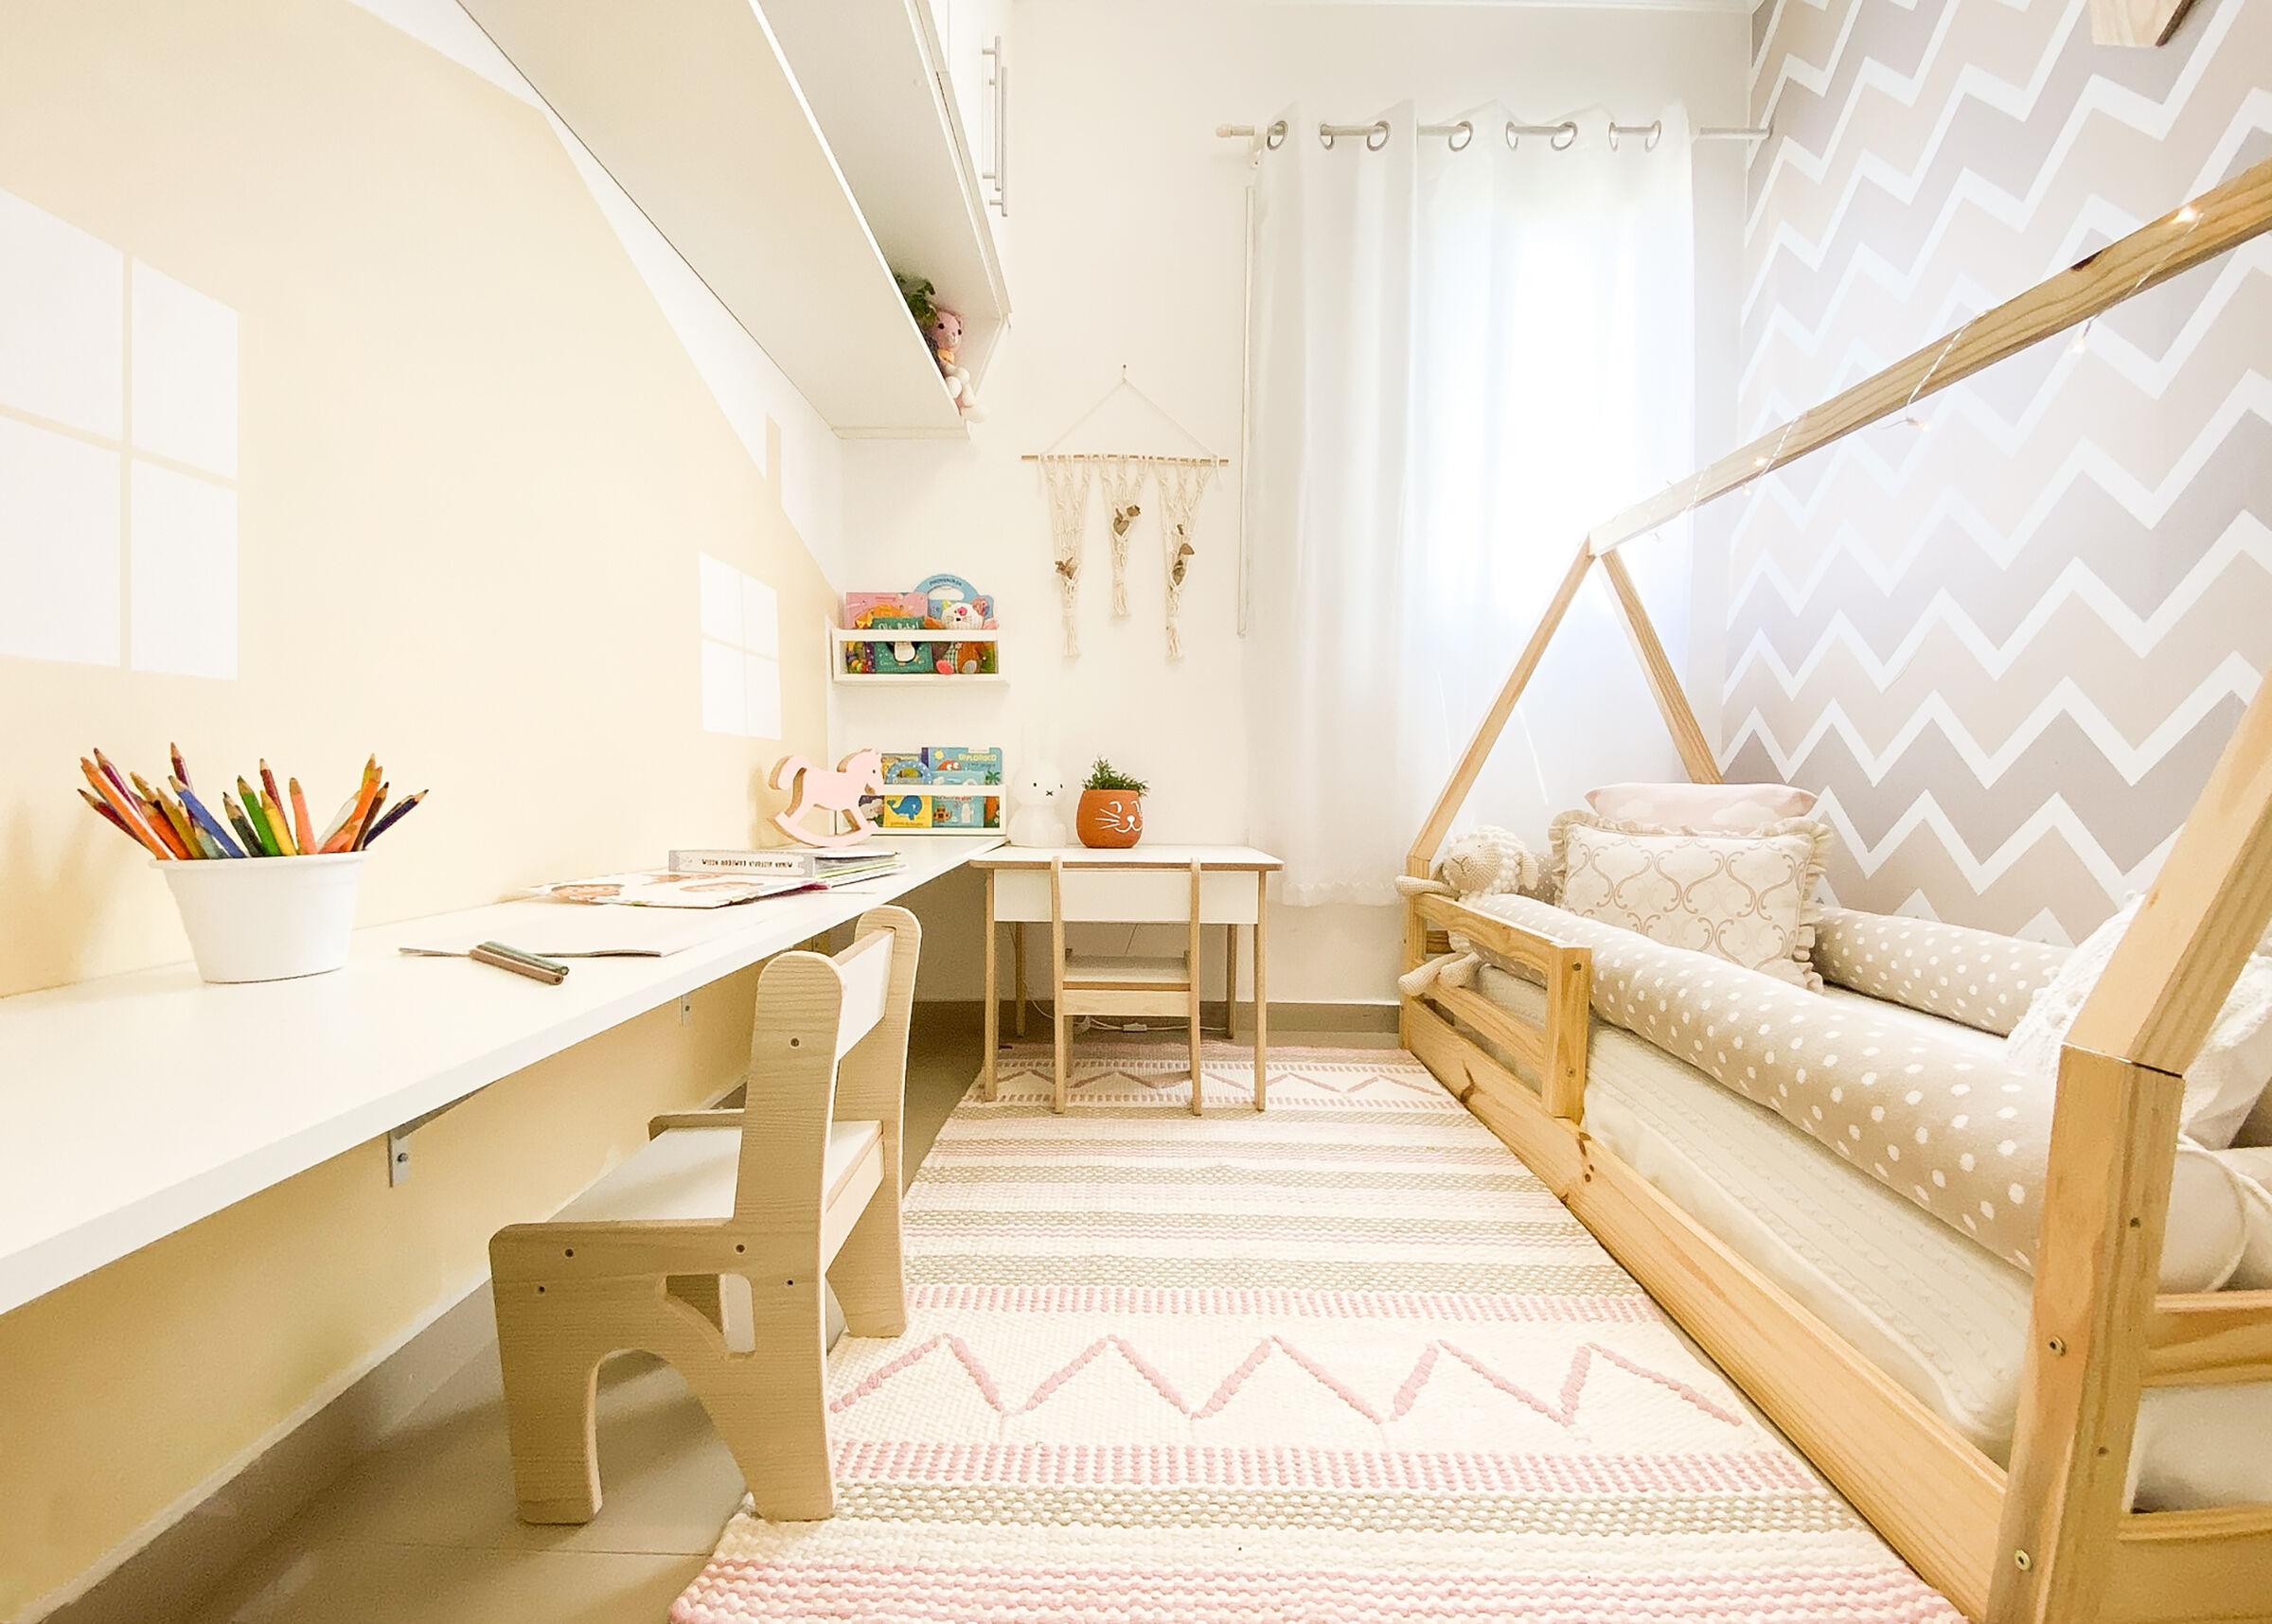 Ideias-para-transformar-o-quarto-da-criança-em-montessori